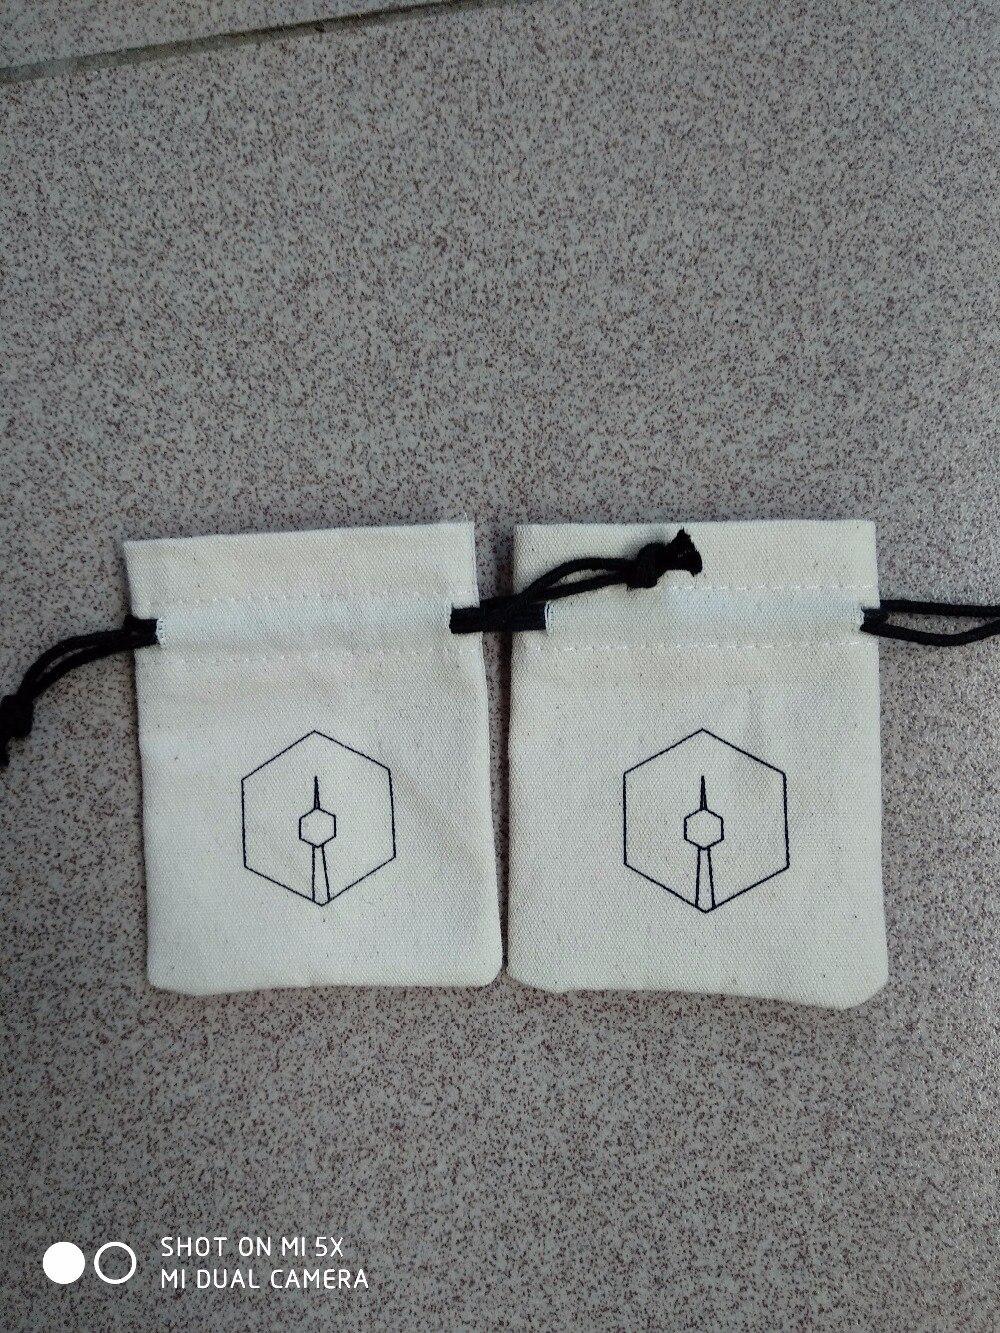 ¡Venta al por mayor! 250 Uds., bolsa de lona de alta calidad para joyería, bolsa con cordón pequeño de 7*9cm con logotipo personalizado y envío gratuito por ePacket